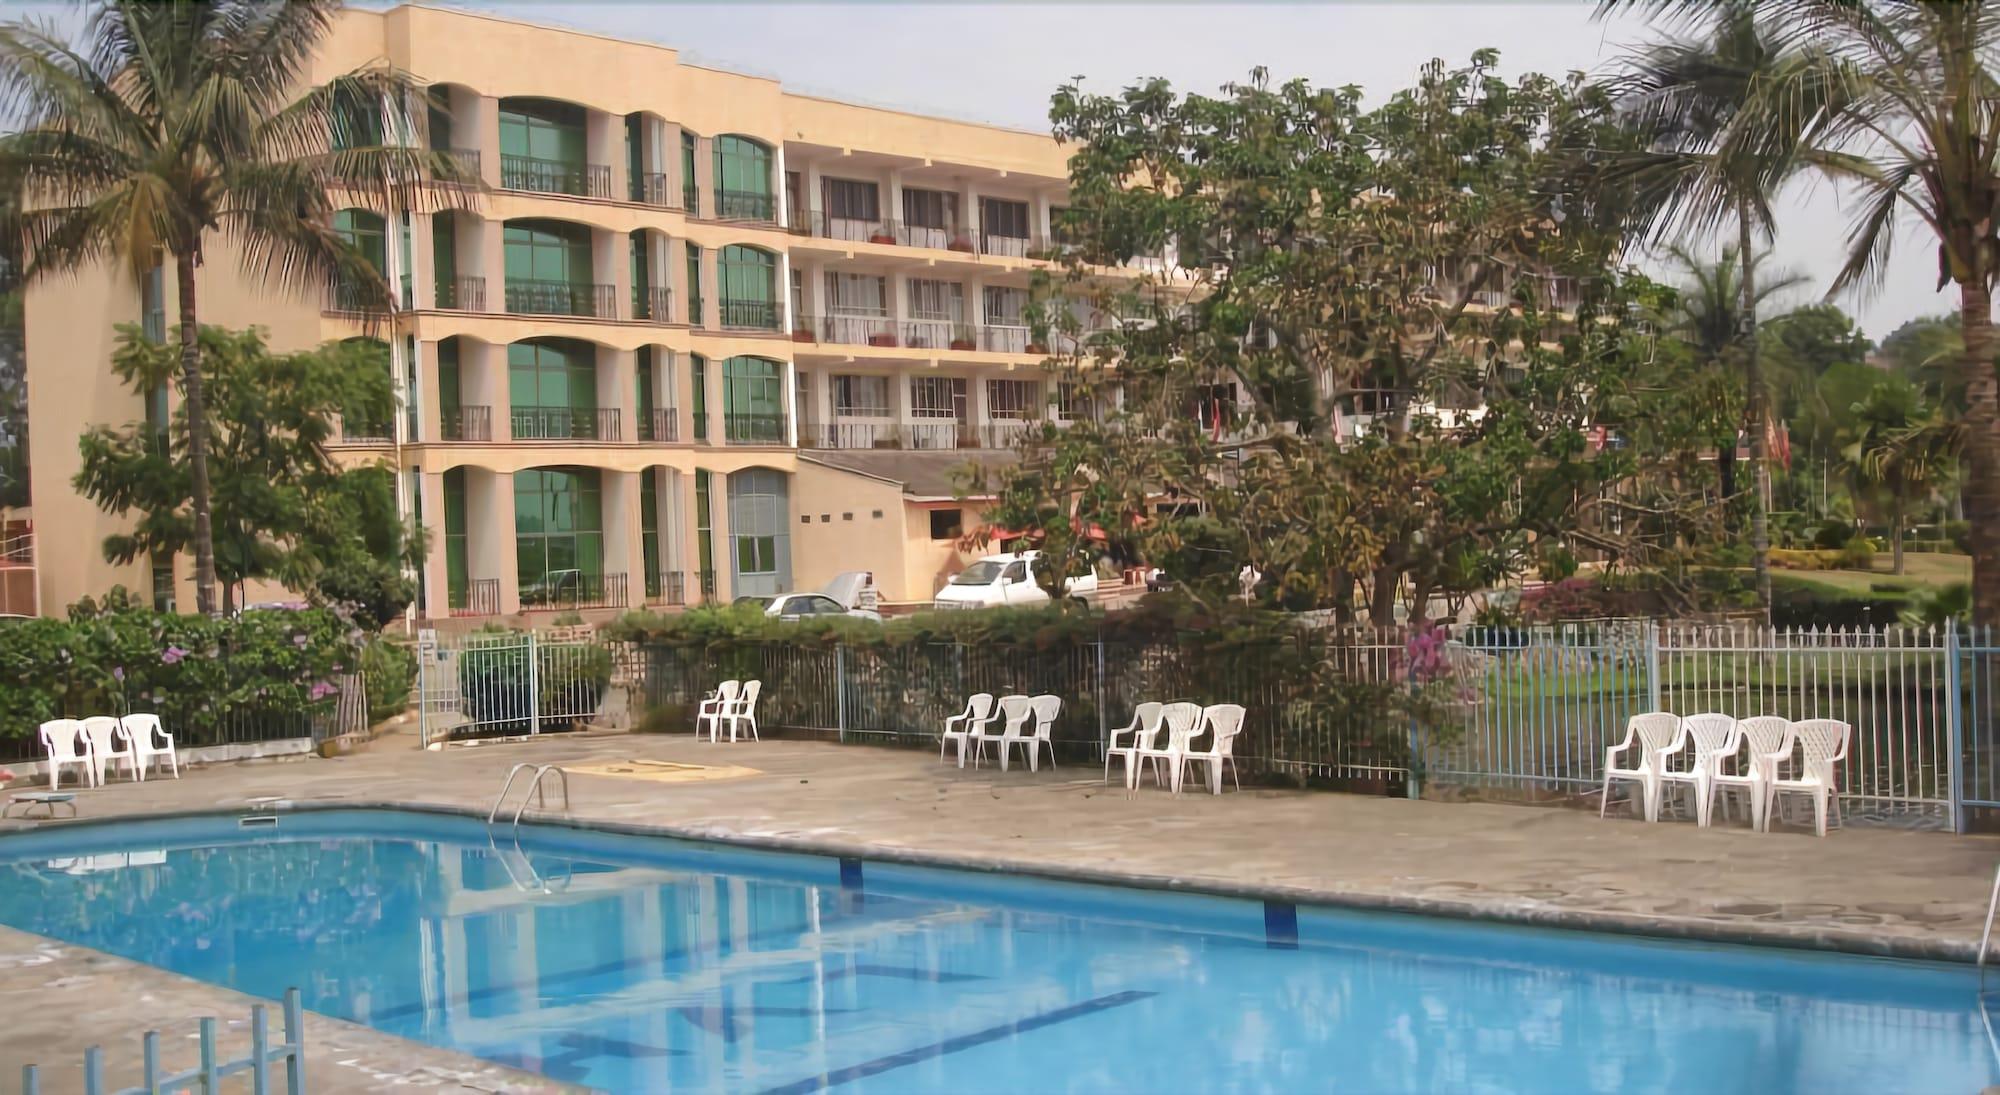 Lake View Resort Hotel, Mbarara